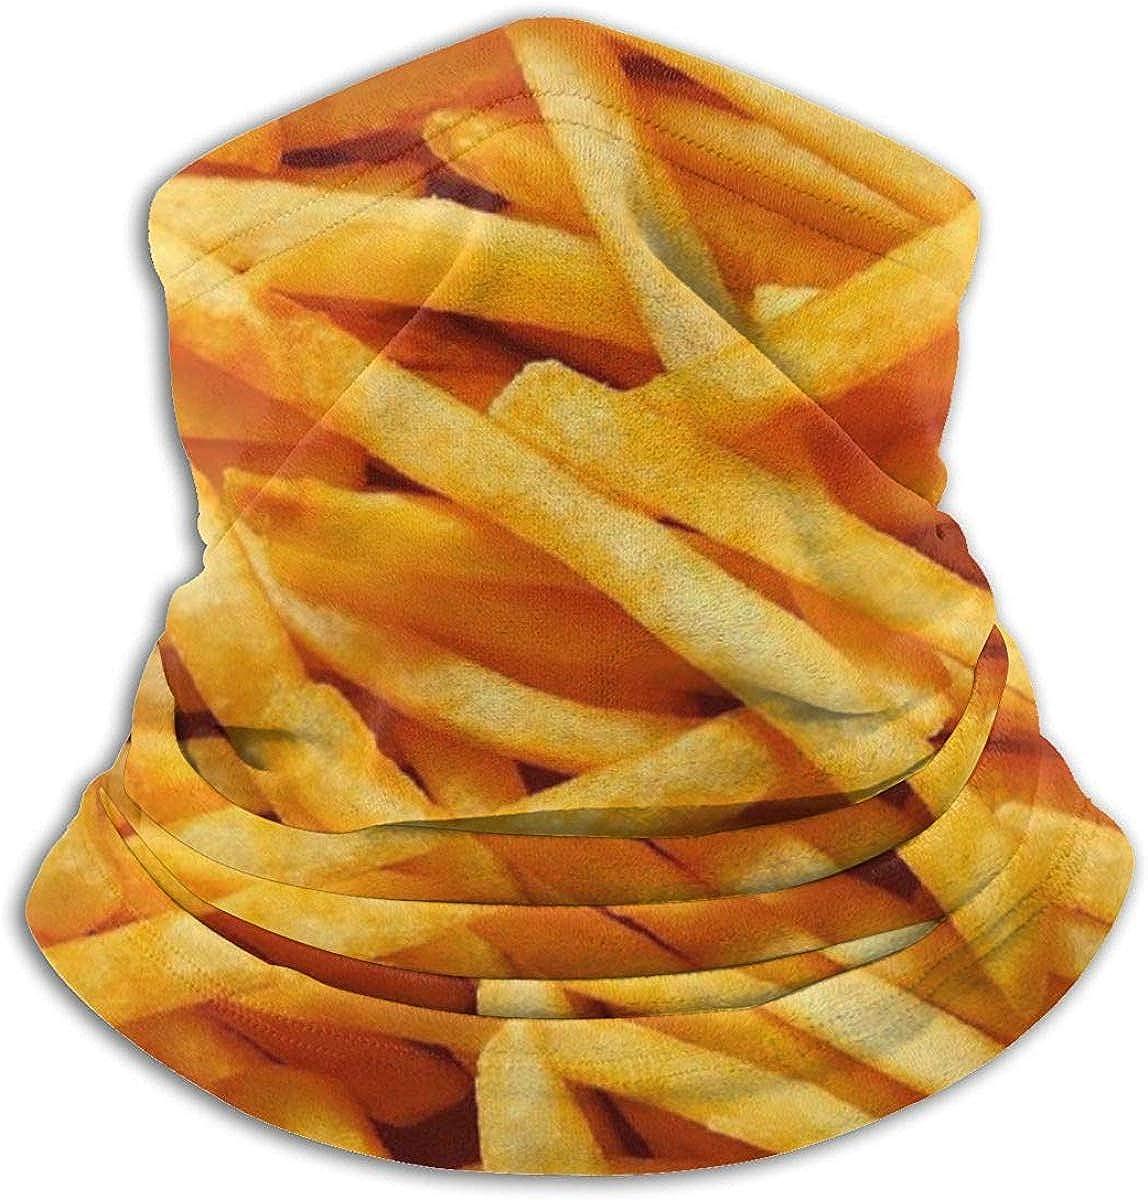 Osmykqe Pommes frites lustige Muster Nackenw/ärmer Gamasche Sturmhaube Ski Maske Winter H/üte Kopfbedeckungen f/ür M/änner Frauen schwarz